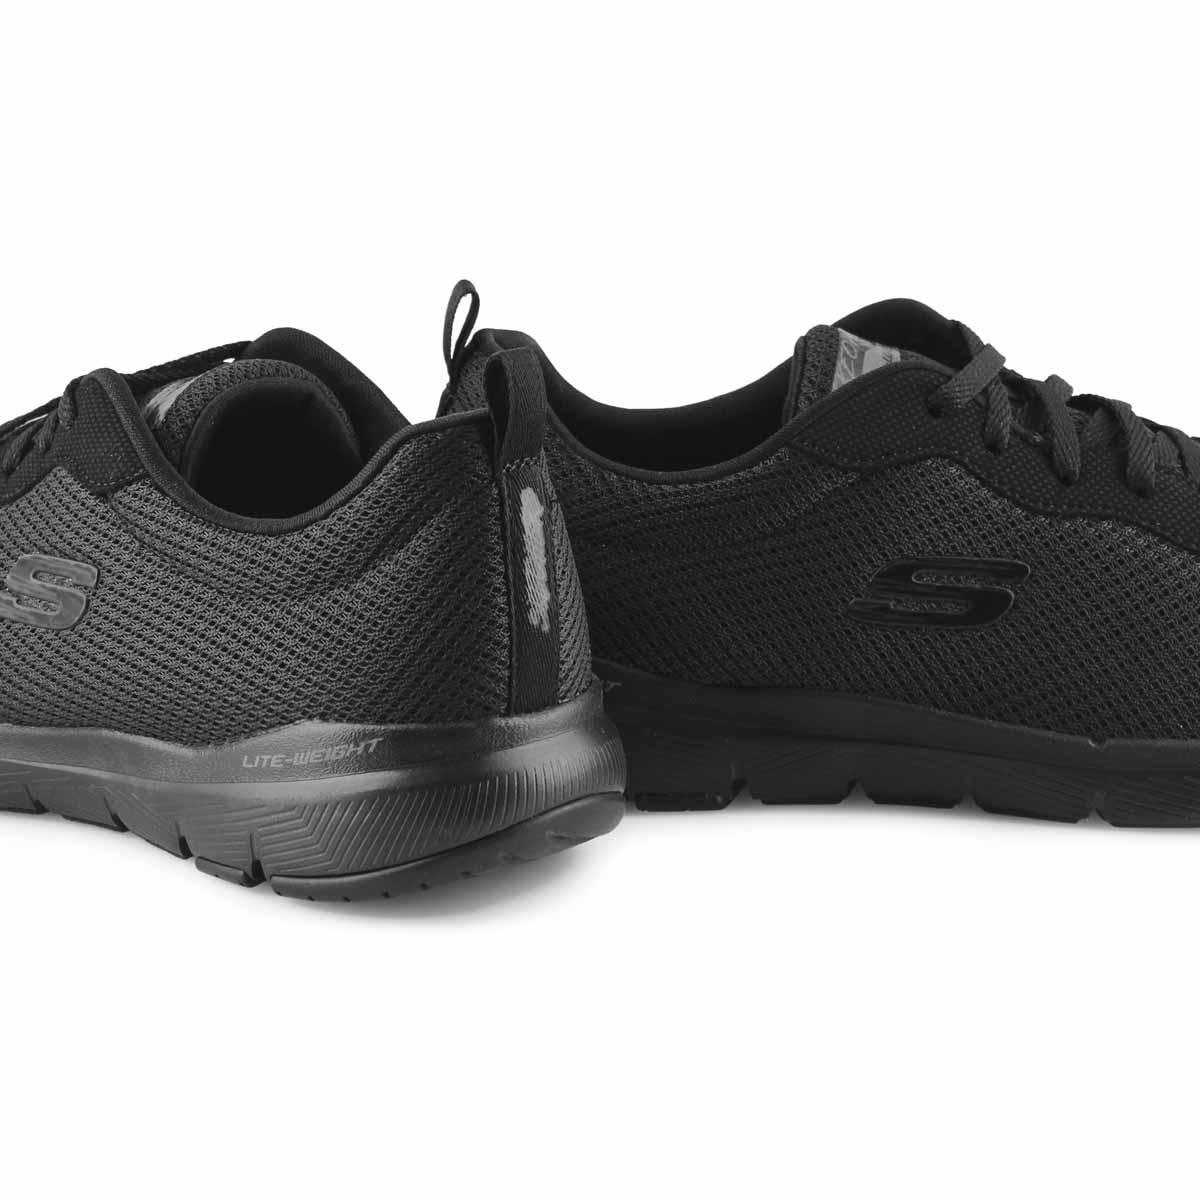 Women's Flex Appeal 3.0 Wide Sneaker - Black